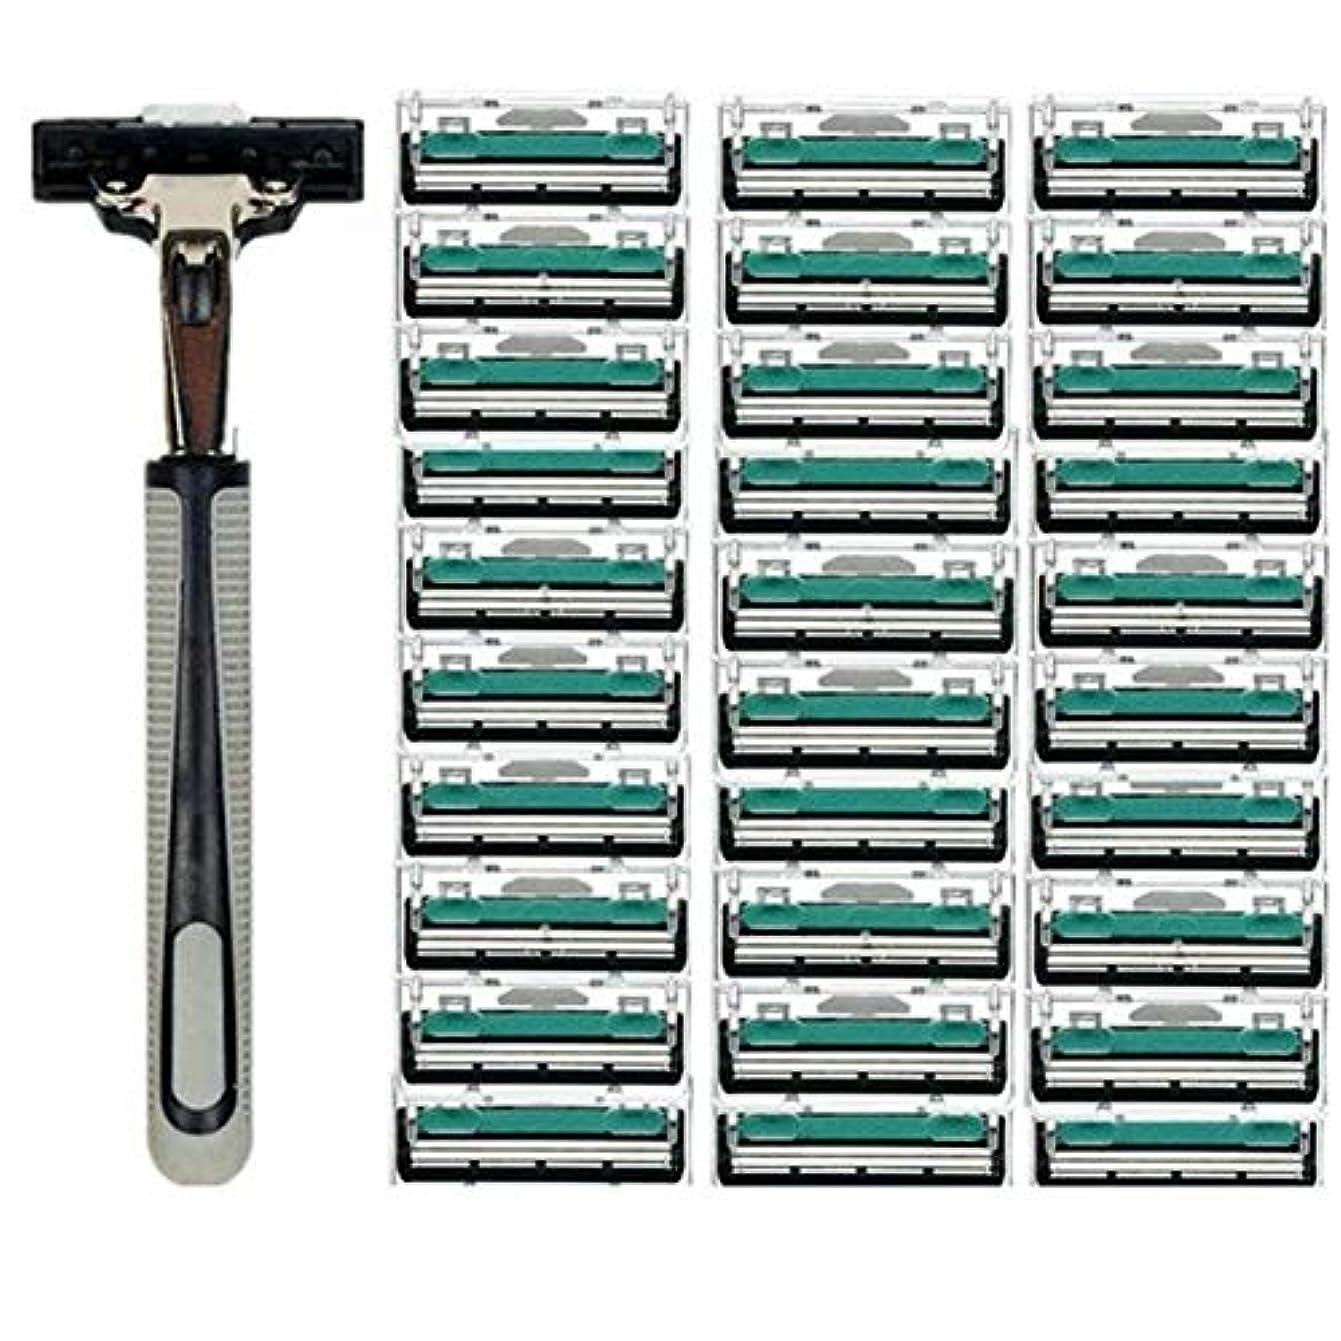 荒れ地害虫ウミウシTerGOOSE 髭剃り 二重層 本体+替刃30コ付 安全 携帯便利